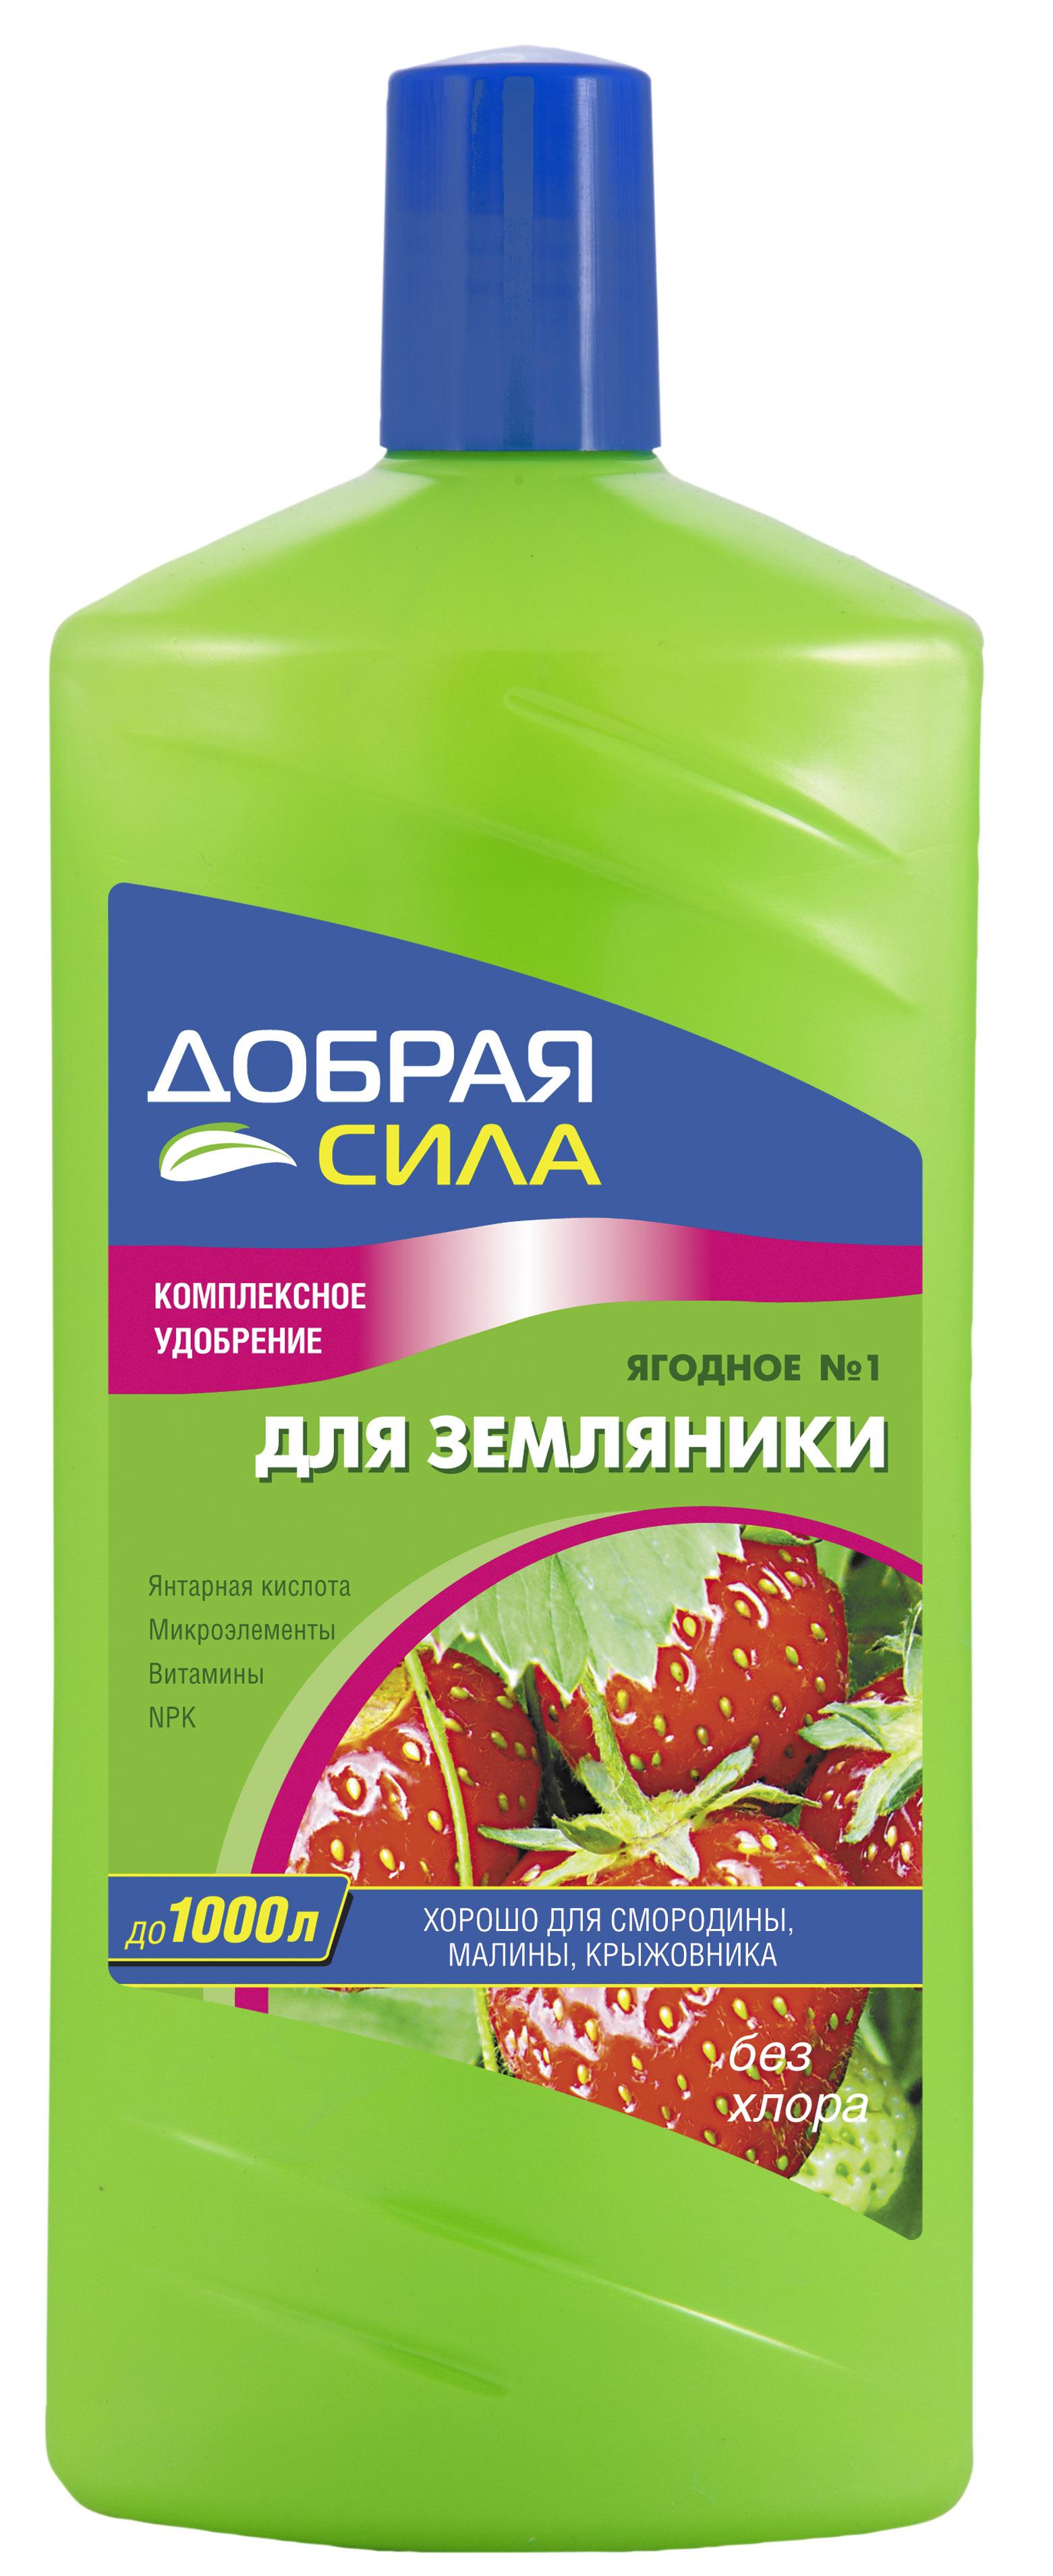 Жидкое комплексное удобрение Добрая Сила, для земляники, 1 л1224/2612-853Жидкое комплексное удобрение для земляники. Обеспечивает сбалансированное питание, стимулирует образование завязей, увеличивает урожай, оздоравливает корневую систему растений. Удобрение содержит полный комплекс веществ, необходимых для полноценного питания растений: -высокая доля (10 %) основных элементов (NPK), обеспечивающих усиленное питание для растений ; -гуминовые кислоты способствуют активизации роста растений и повышают стрессоустойчивость ; -комплекс основных микроэлементов в хелатной форме способствует полному их усвоению и пролонгированному действию;-комплекс витаминов для поддержания и укрепления иммунной системы растений; -регулятор роста для стимулирования роста растений.Товар сертифицирован.